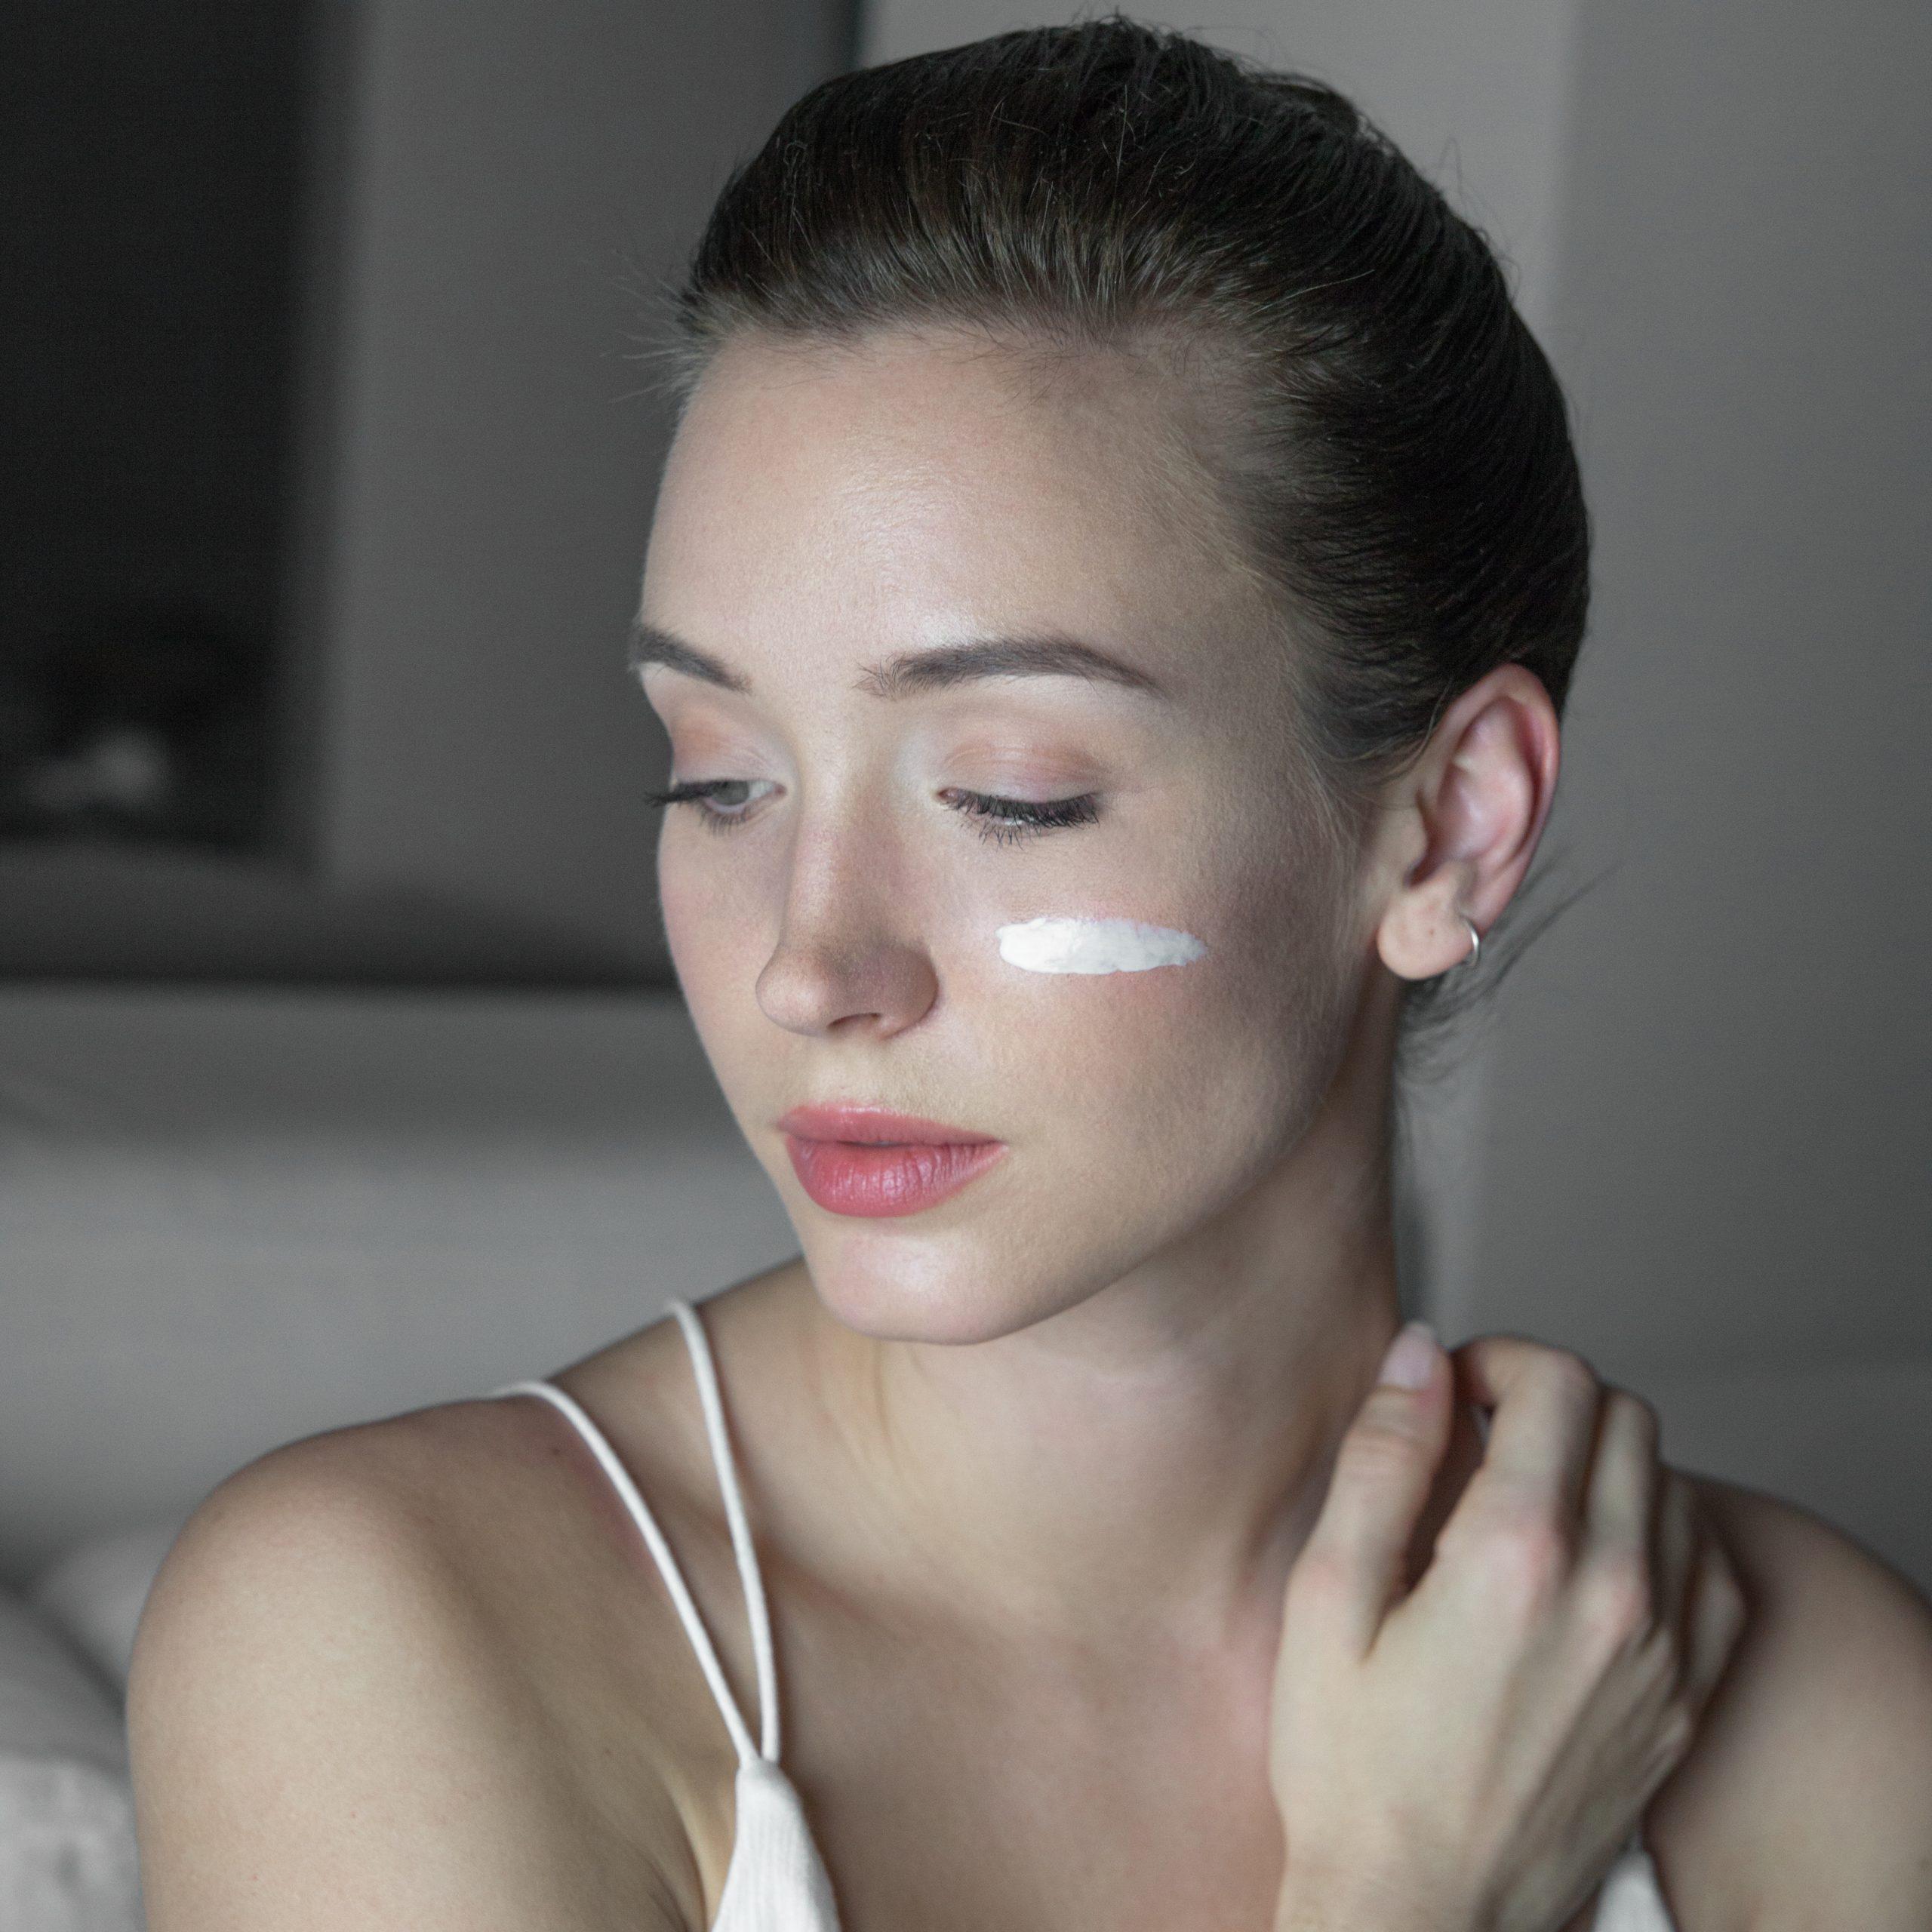 Come applicare la crema per il viso?